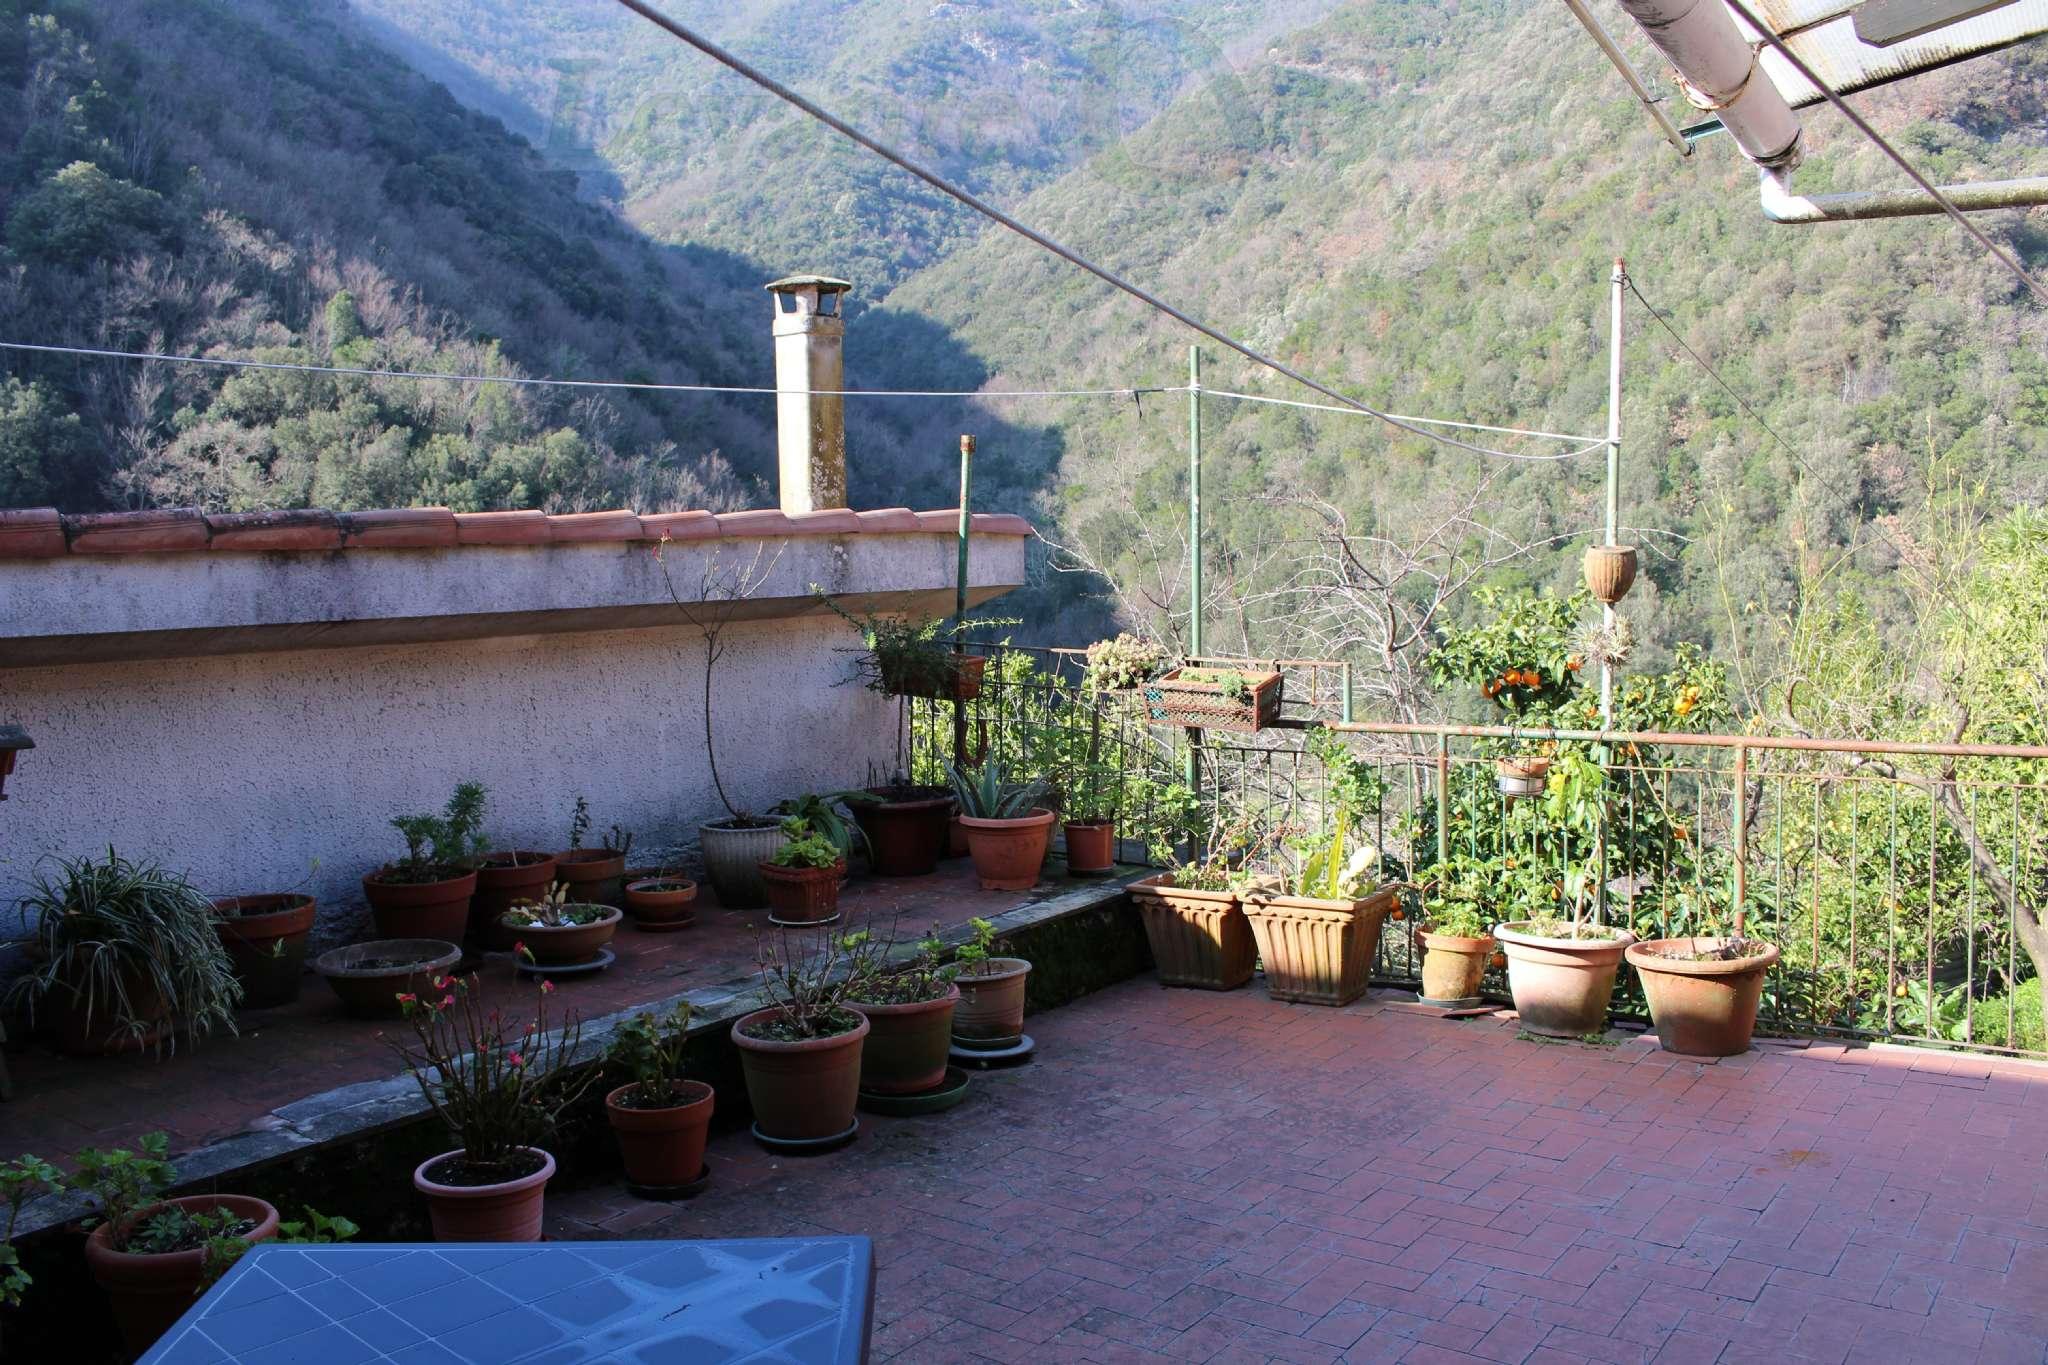 Foto 8 di Terratetto - Terracielo Avegno